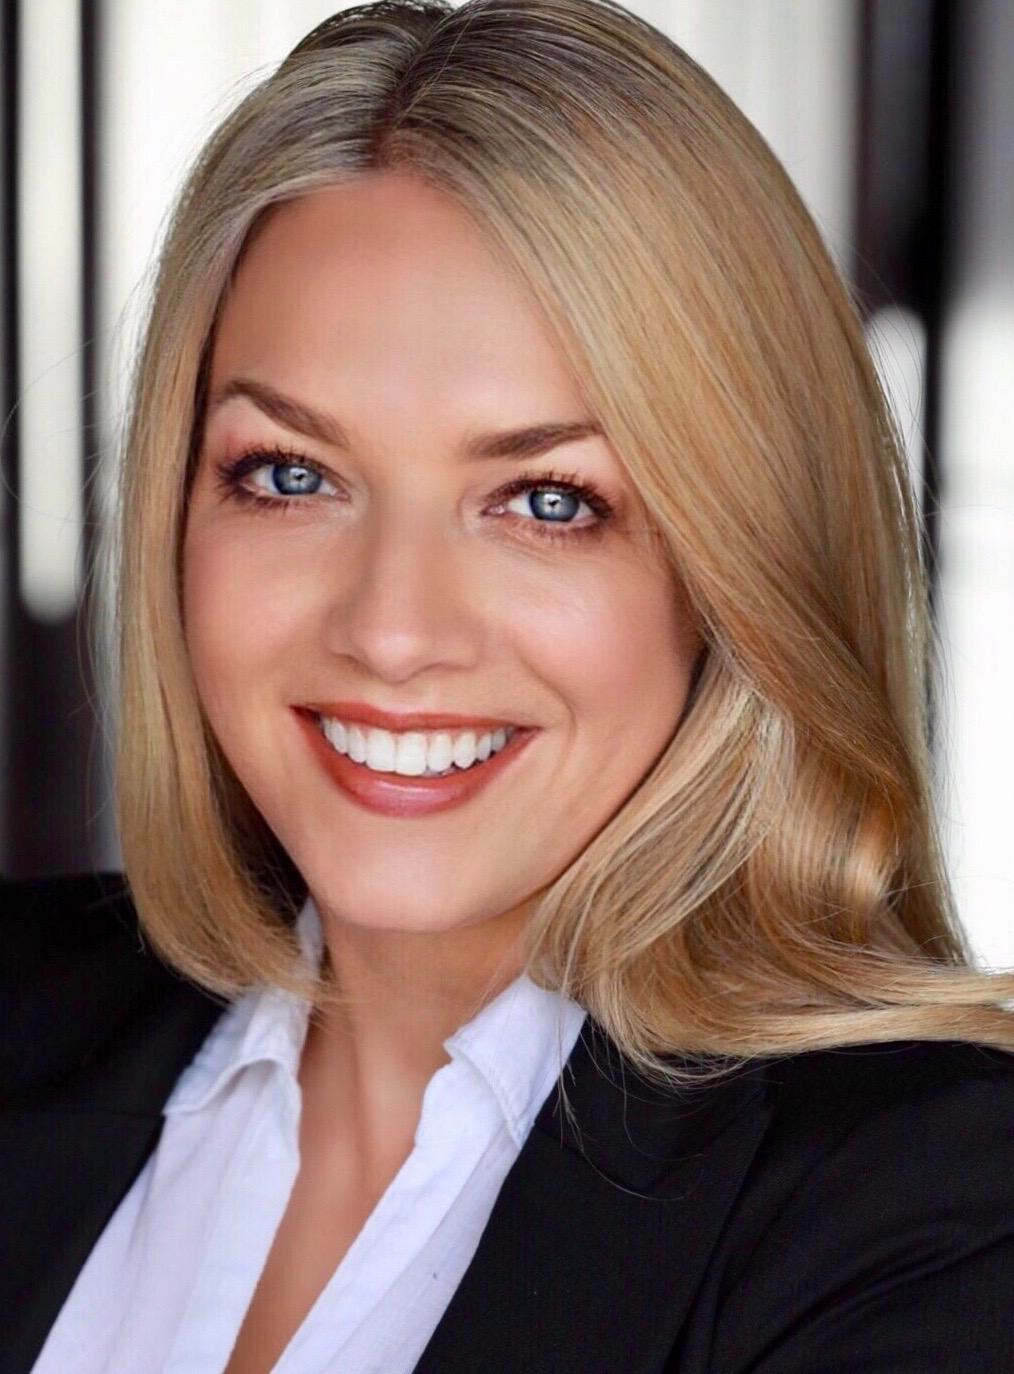 Cynthia Florek